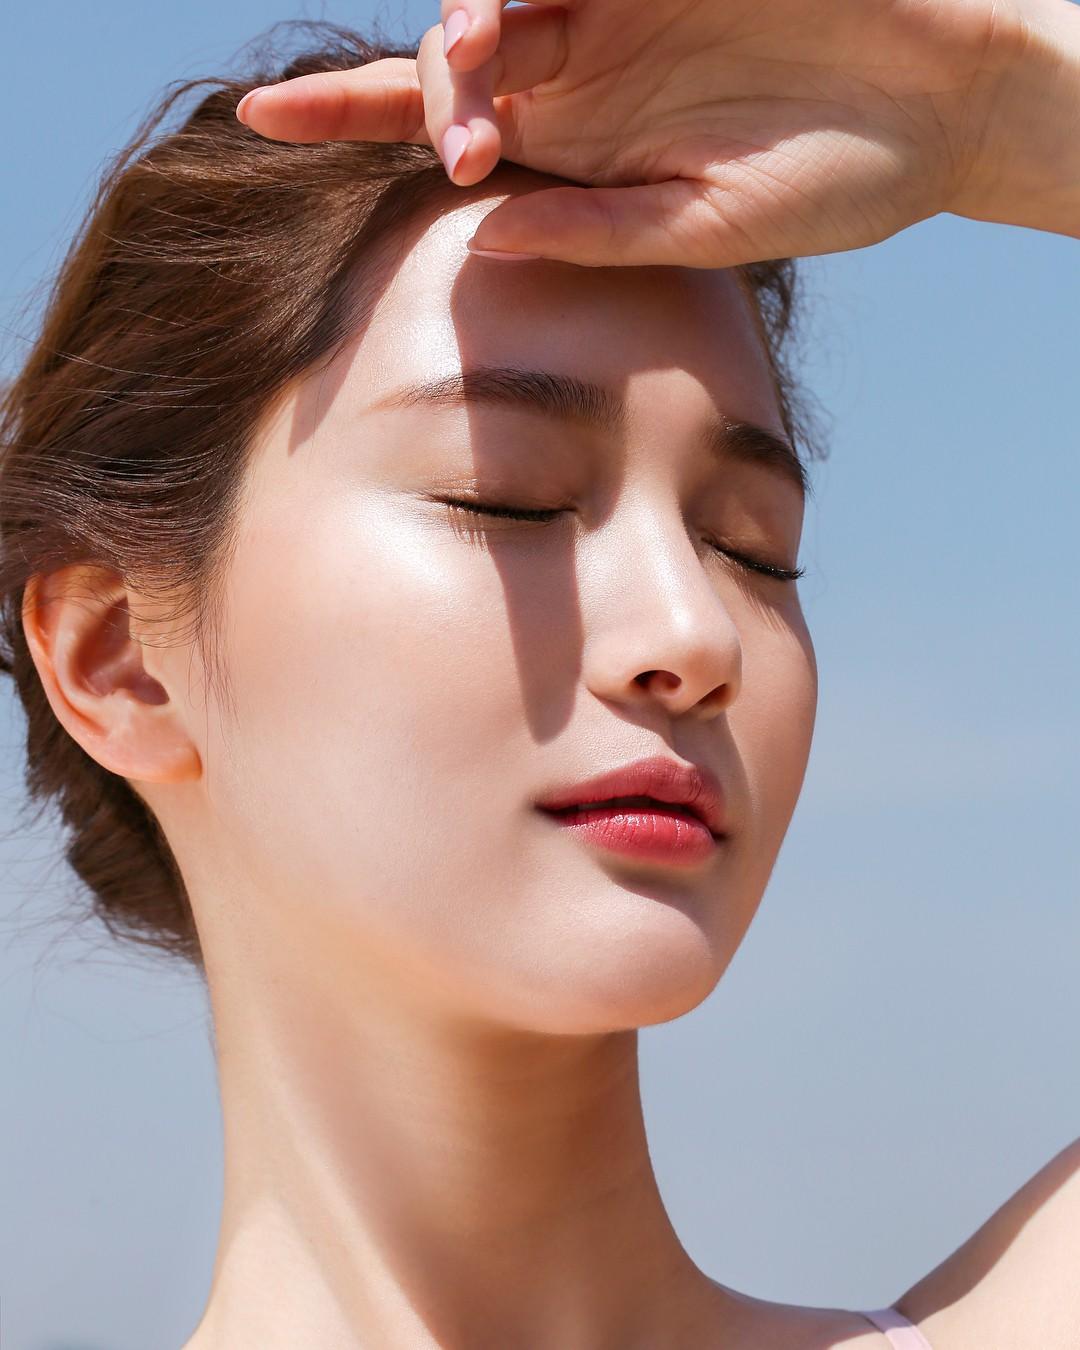 Kem chống nắng đạt hiệu quả cao nhất khi phù hợp với loại da của bạn